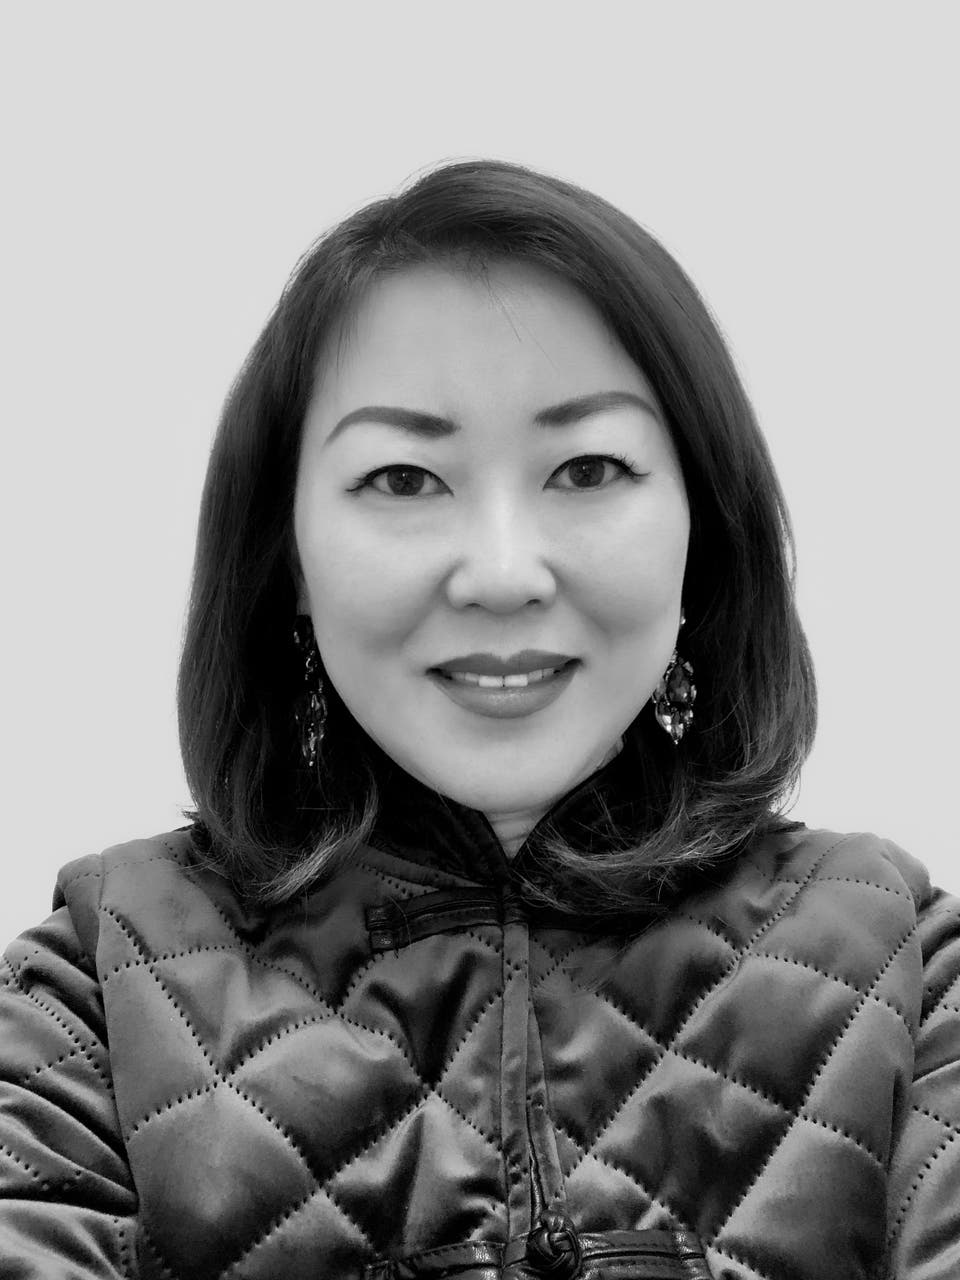 电通中国人力资源总监  & 电通集团北亚区人才负责人